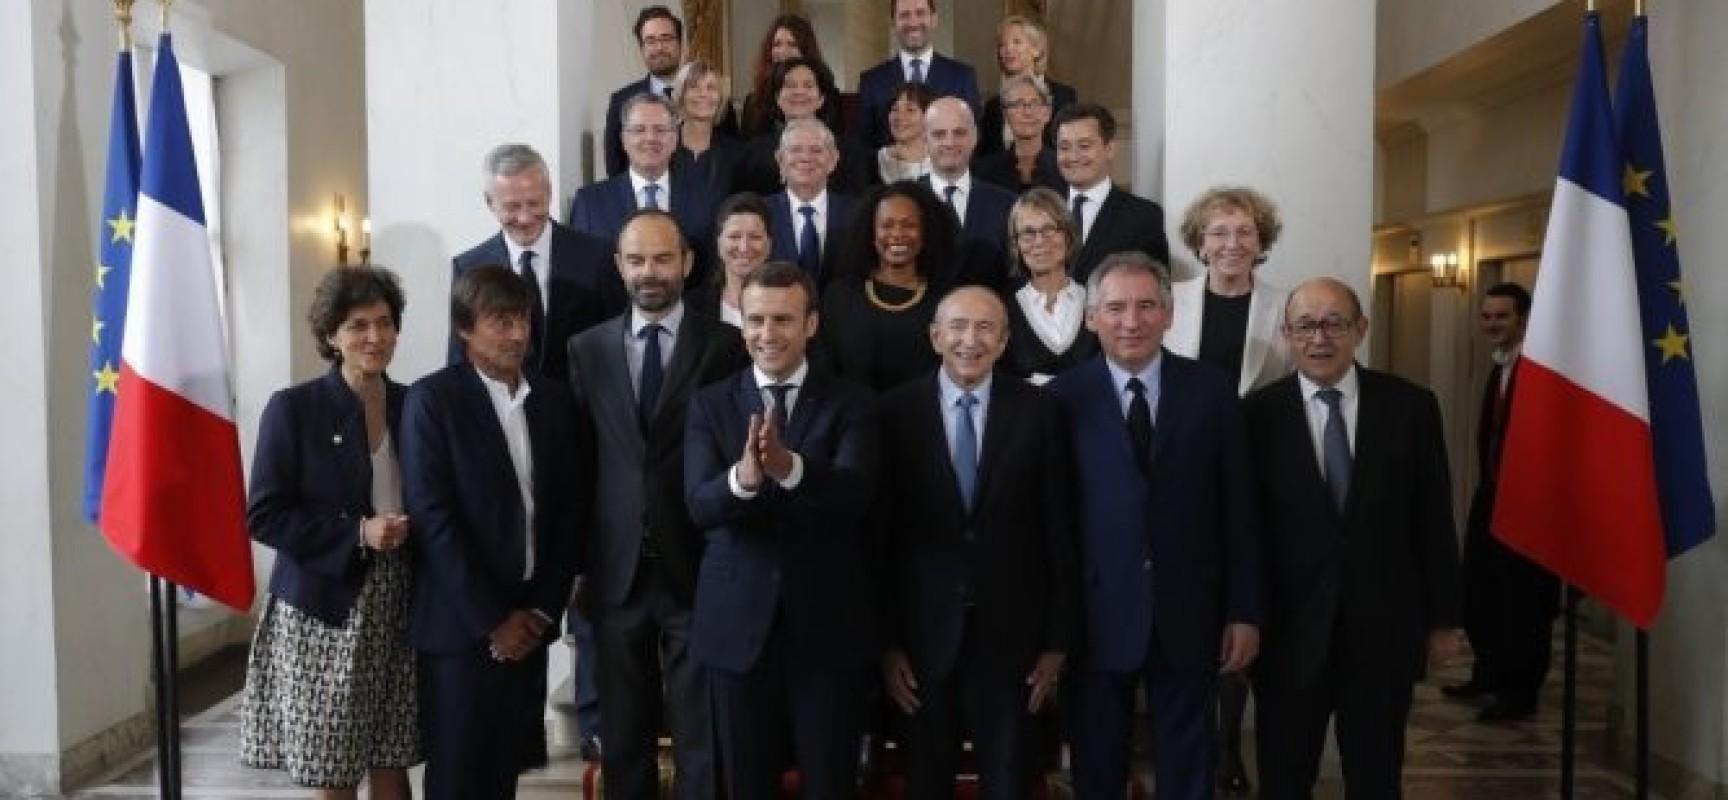 Nouveau Gouvernement Macron, ce que la Presse ne dira pas